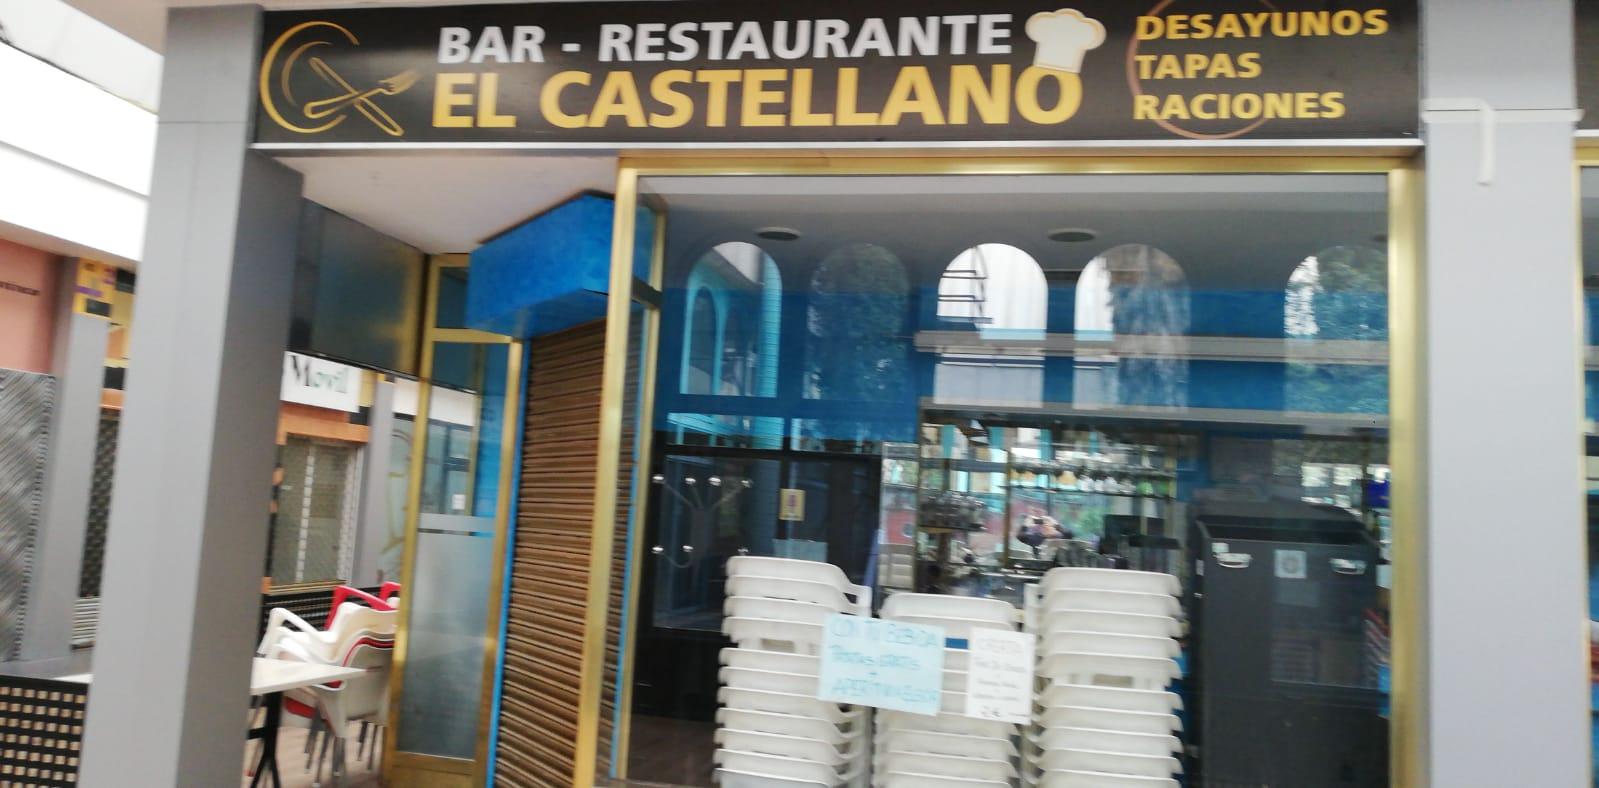 Bar El Castellano